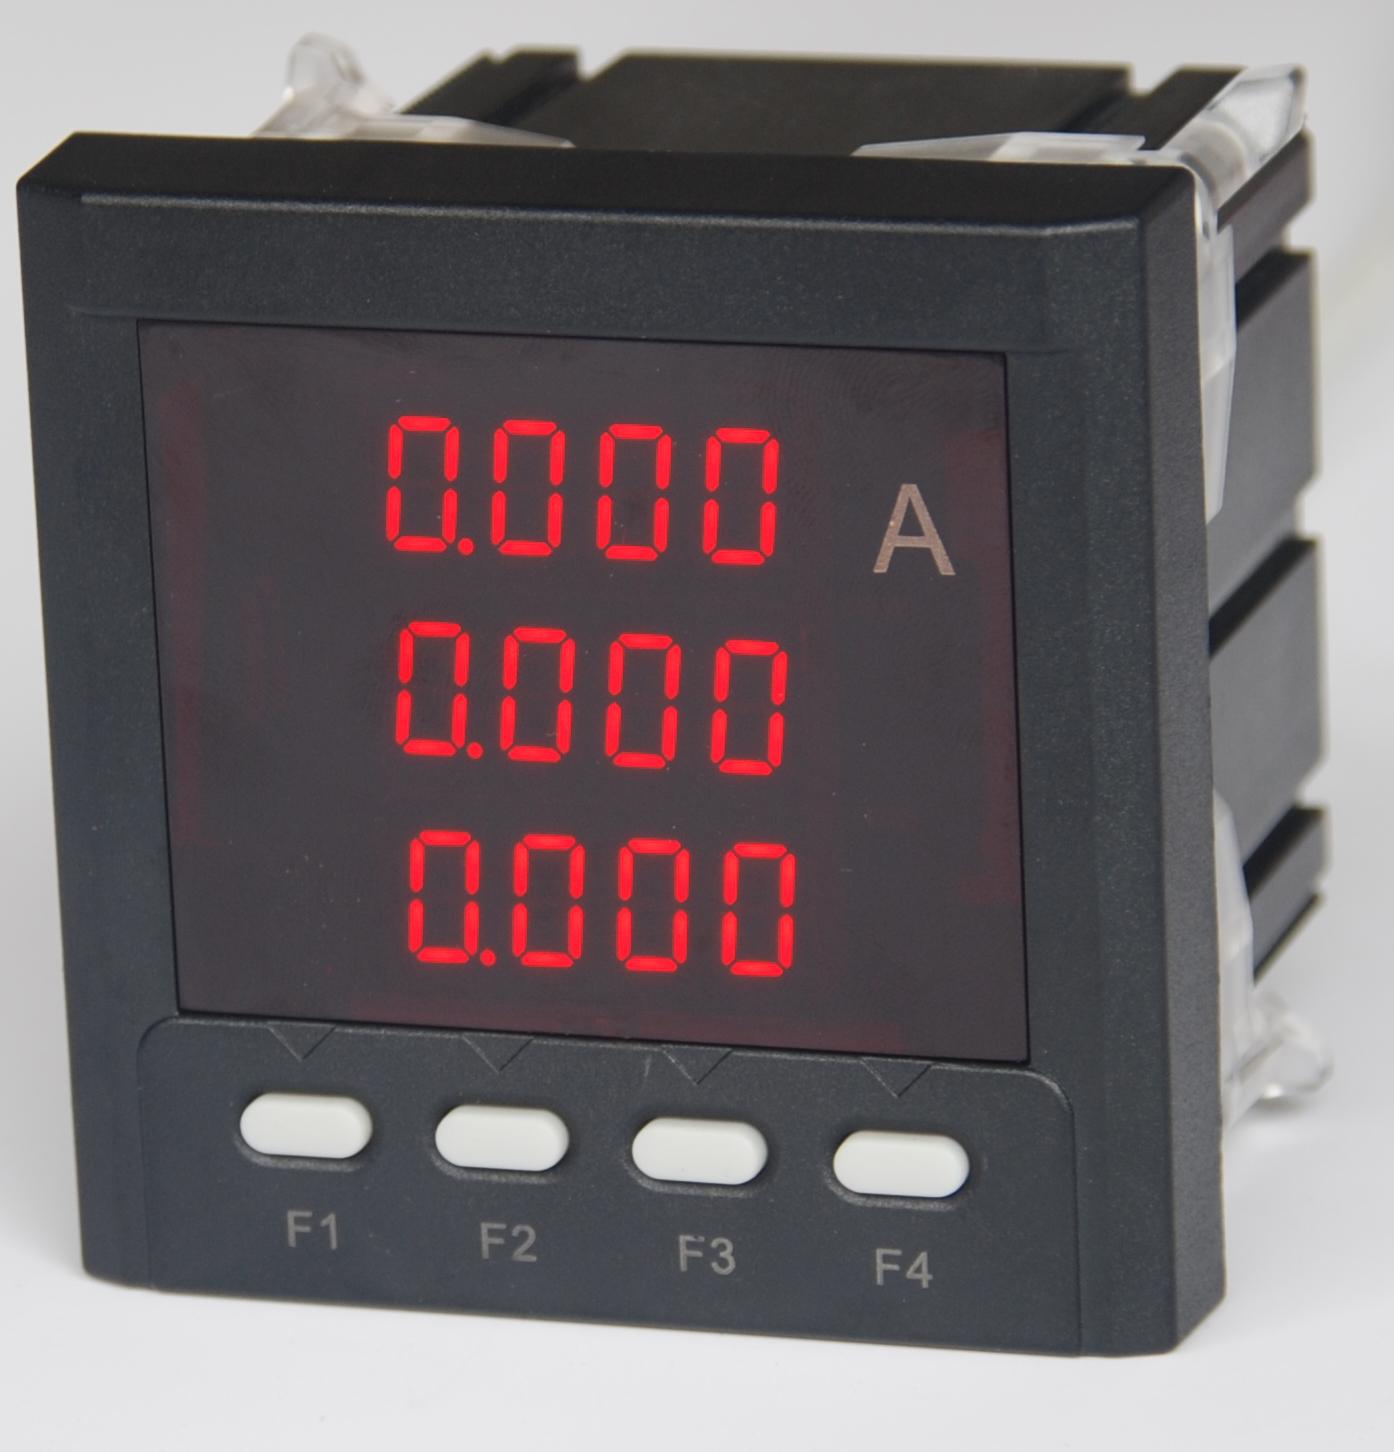 三相电力智能仪表,三相电力智能仪表详细资料-温州开